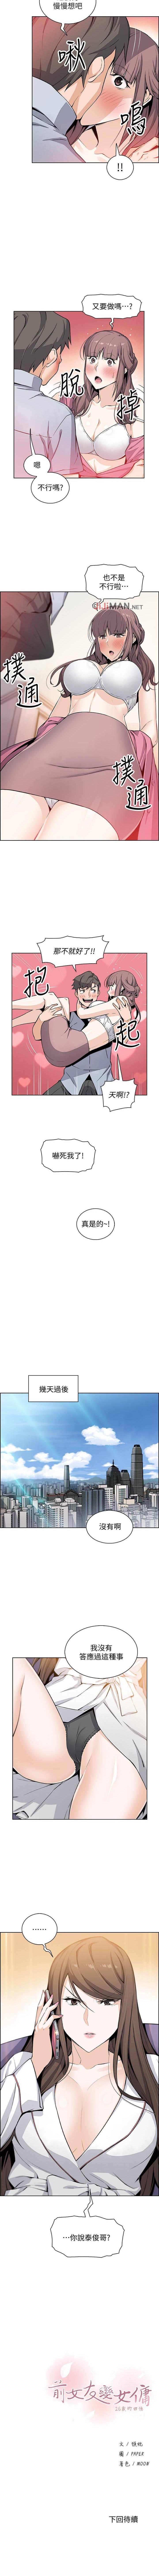 【周四连载】前女友变女佣(作者:PAPER&頸枕) 第1~33话 193